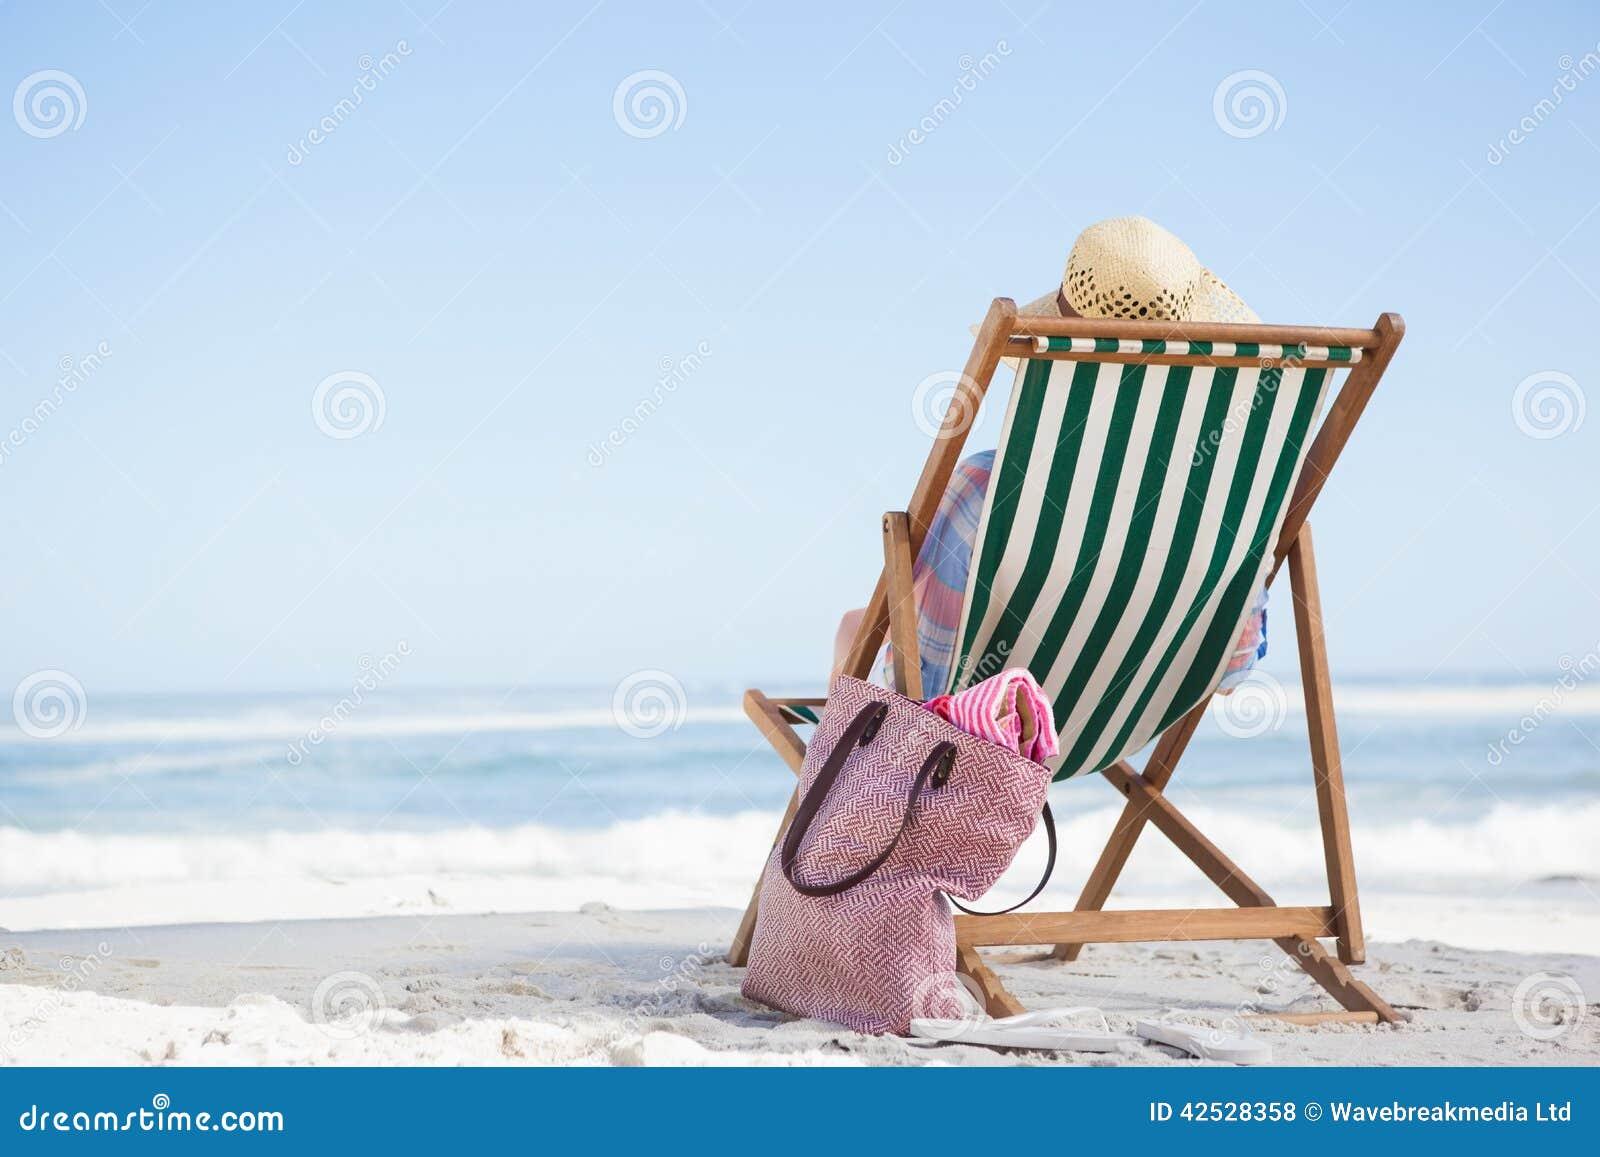 Sdraio Per La Spiaggia.Donna Che Si Siede Sulla Spiaggia Nello Sdraio Fotografia Stock